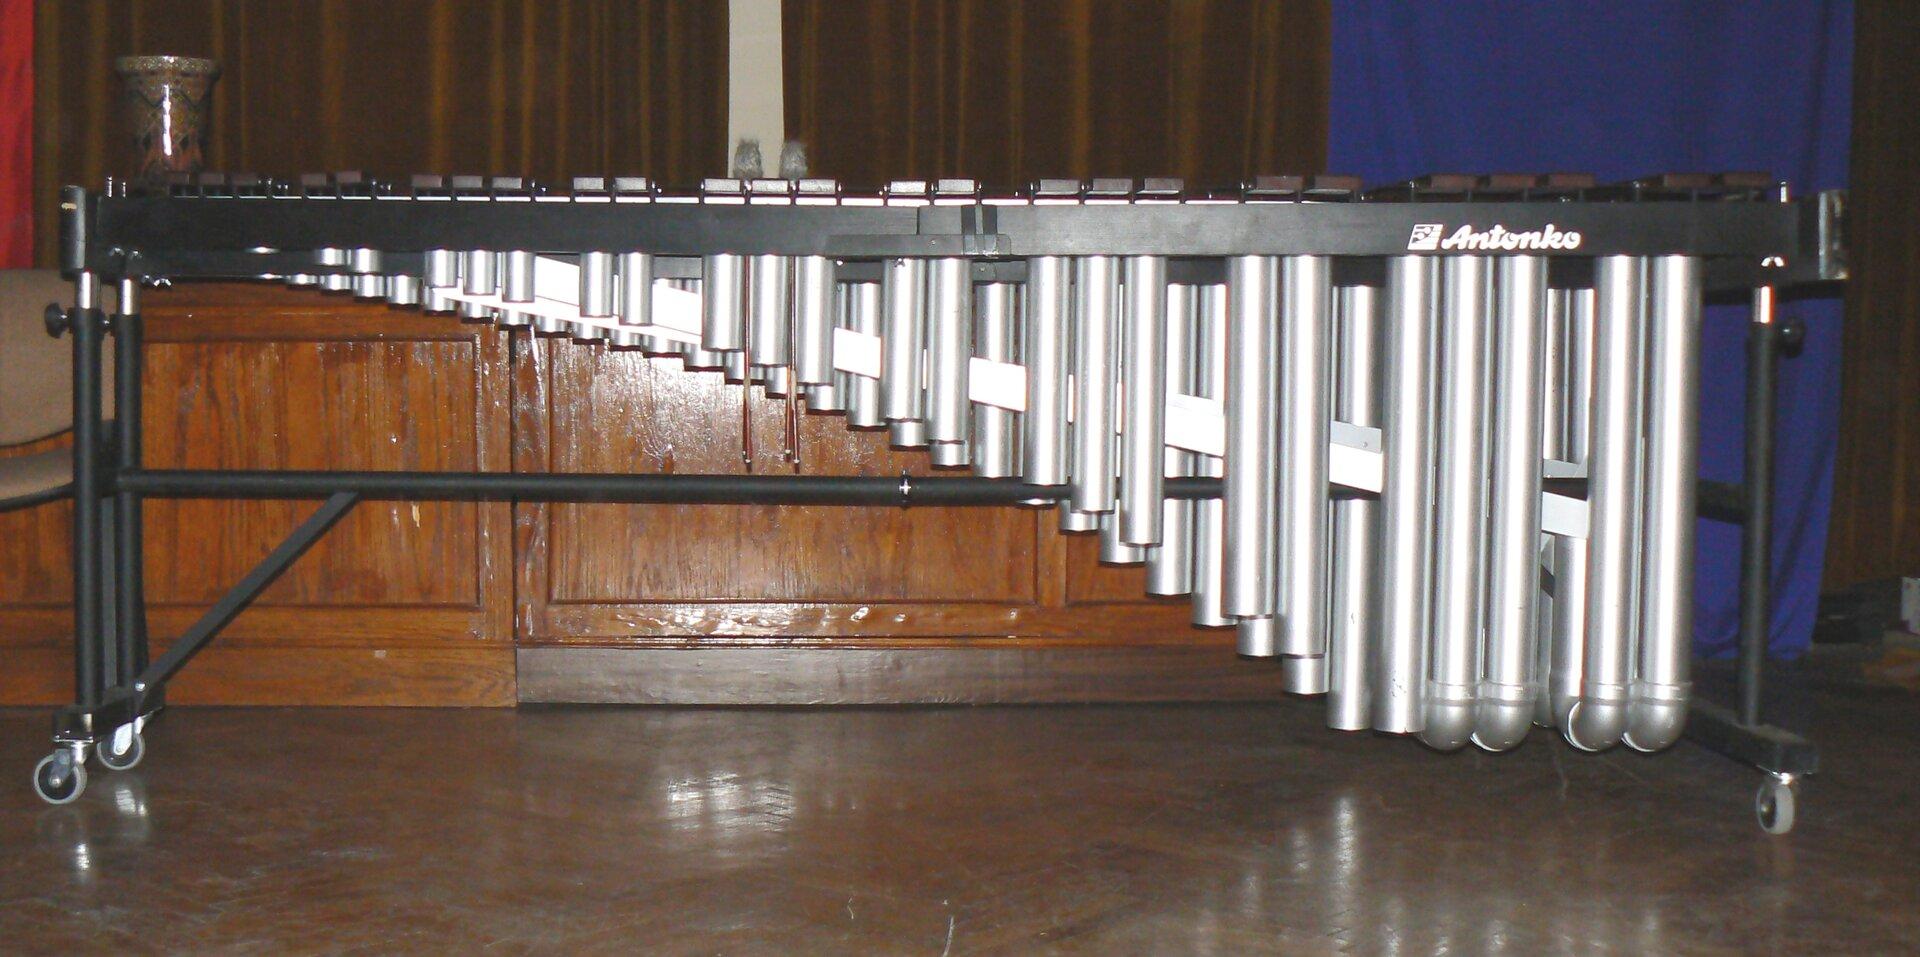 Na zdjęciu marimba. Instrument składa się zwielu drewnianych sztabek zamontowanych na metalowym statywie. Pod sztabkami znajdują się metalowe rury.